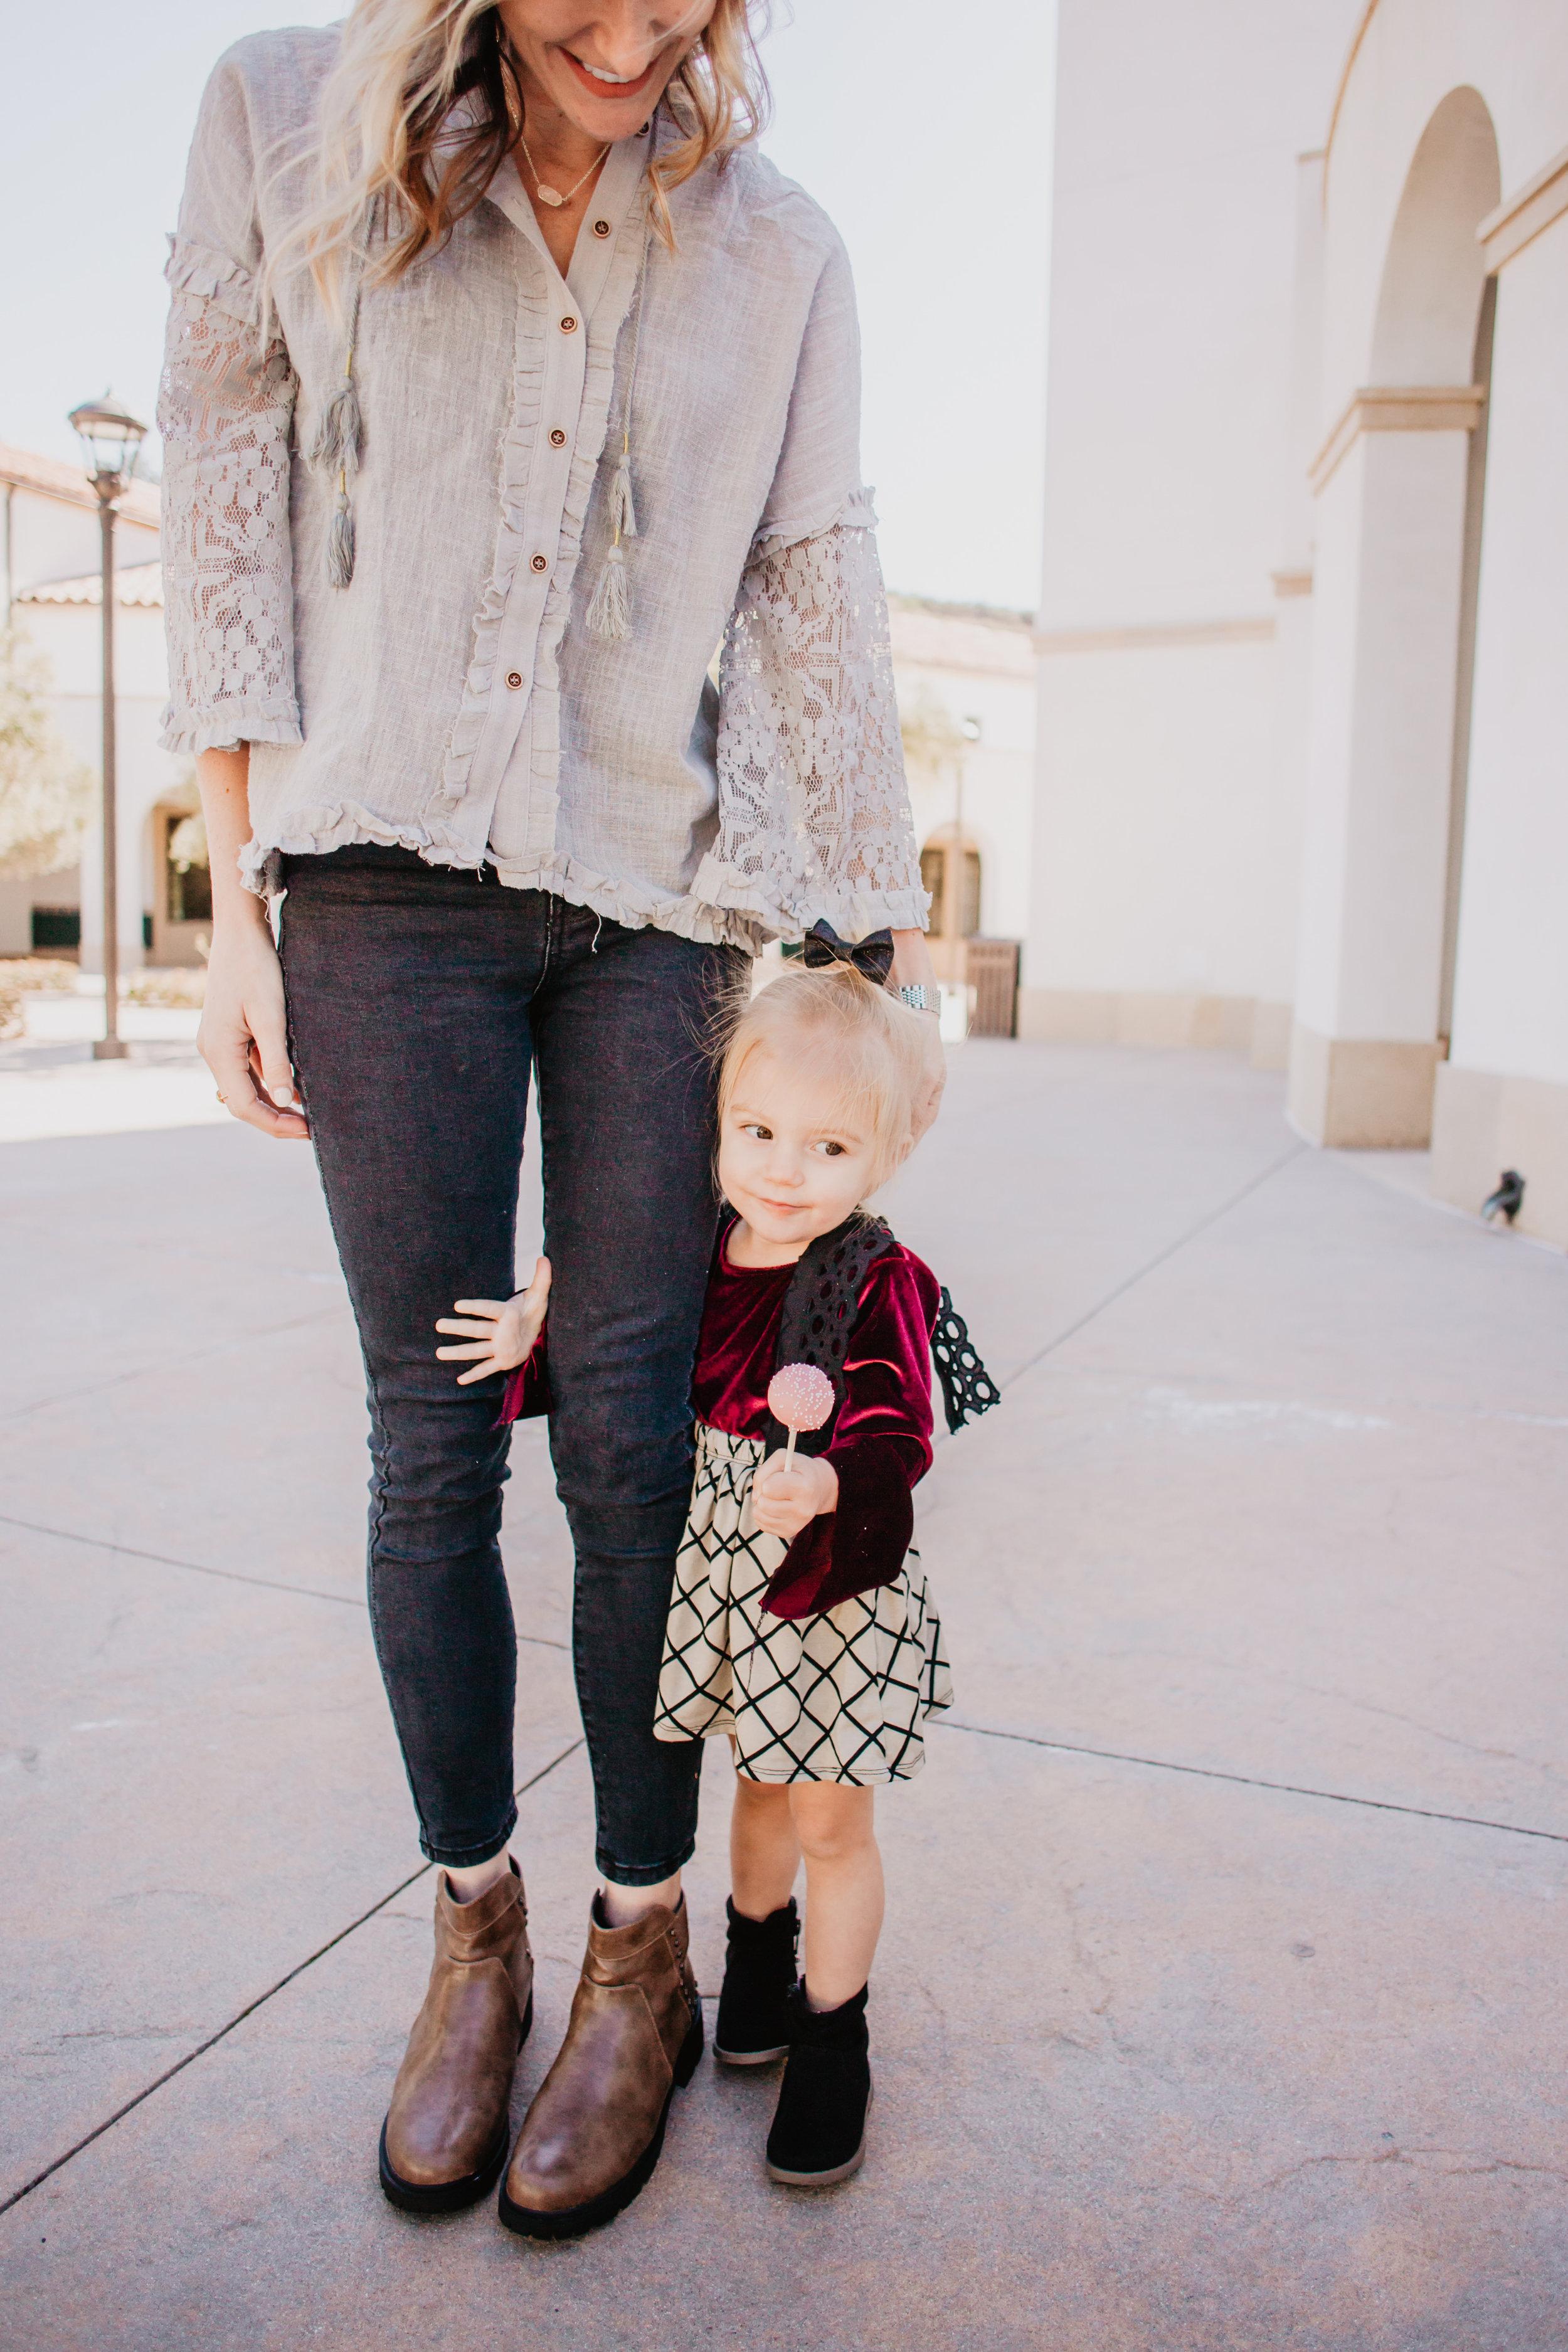 Cute Kids Clothes - Kids Suspender Skirt - Kids Bell Sleeve Velvet Shirt -- Mom Fashion Blogger - The Overwhelmed Mommy